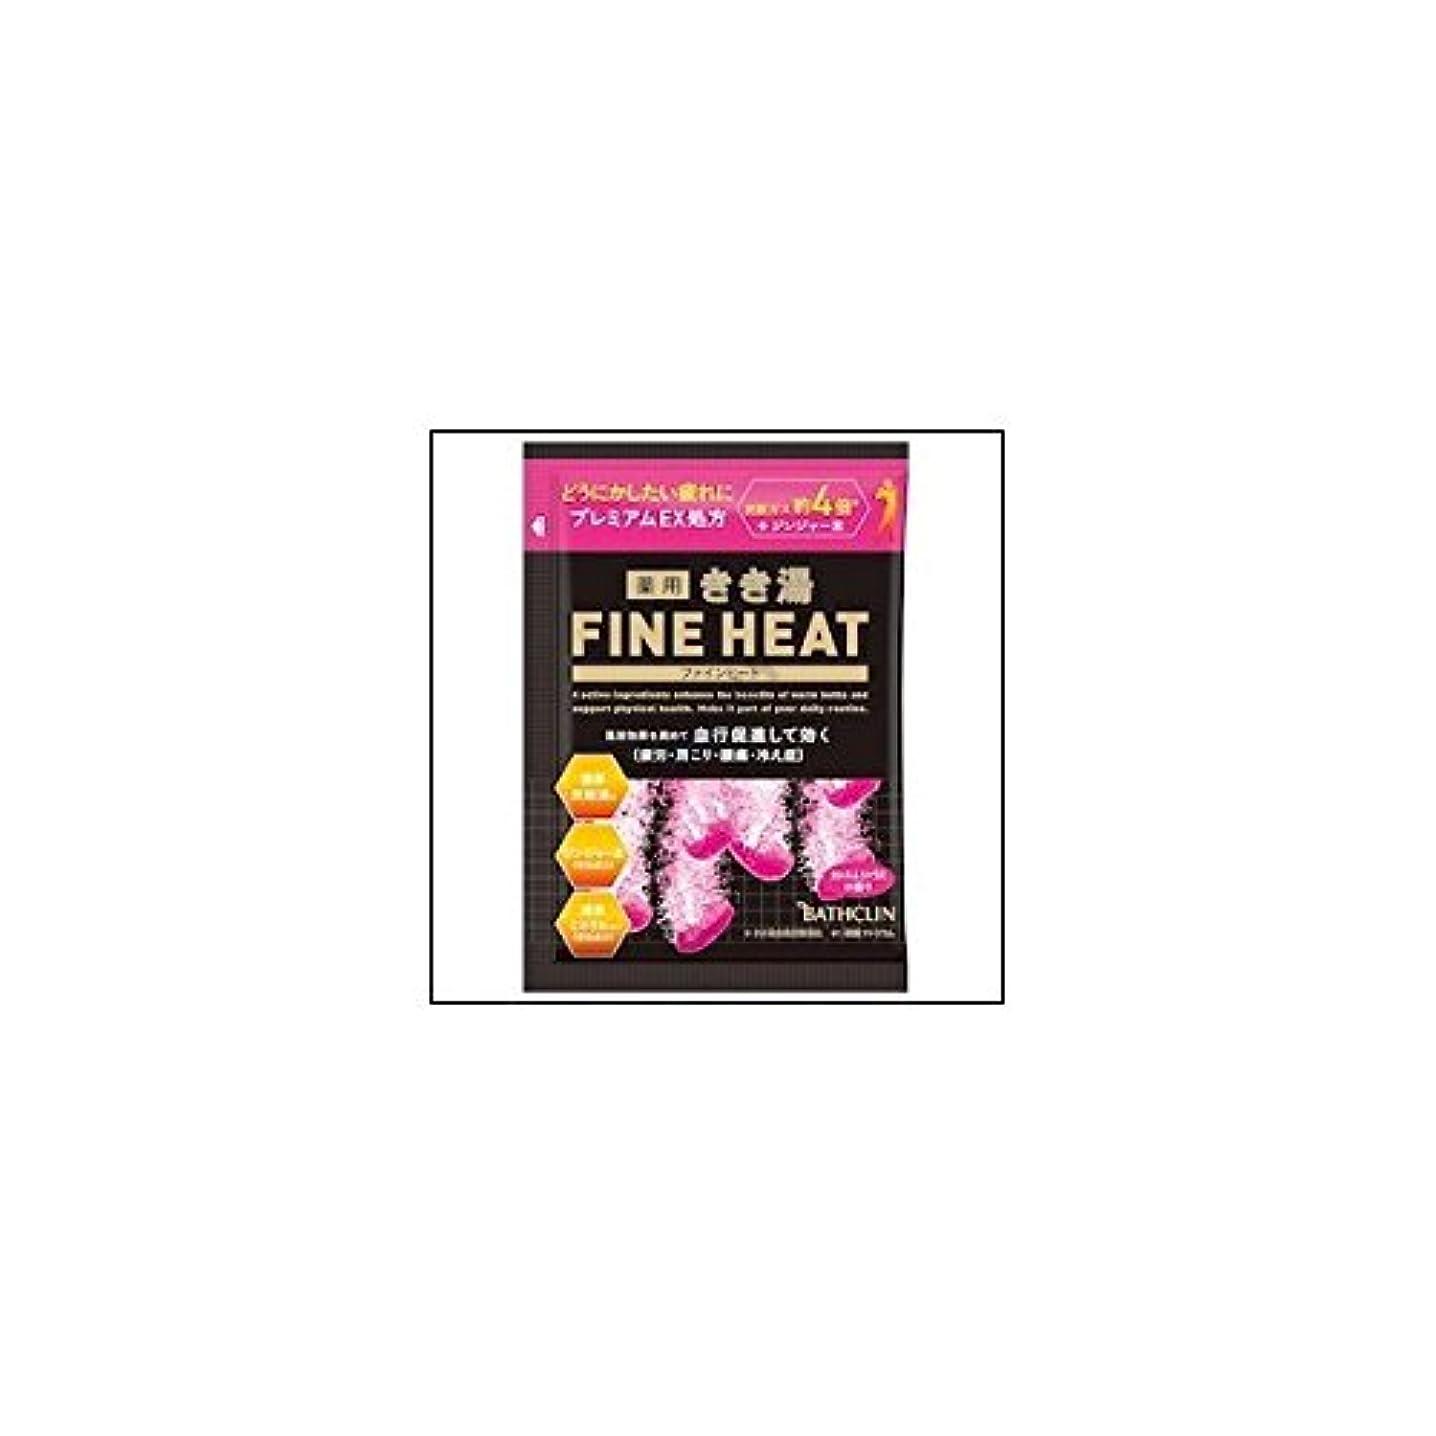 明確な圧縮するスポーツバスクリン きき湯ファインヒート カシス シトラスの香り 50g (医薬部外品)